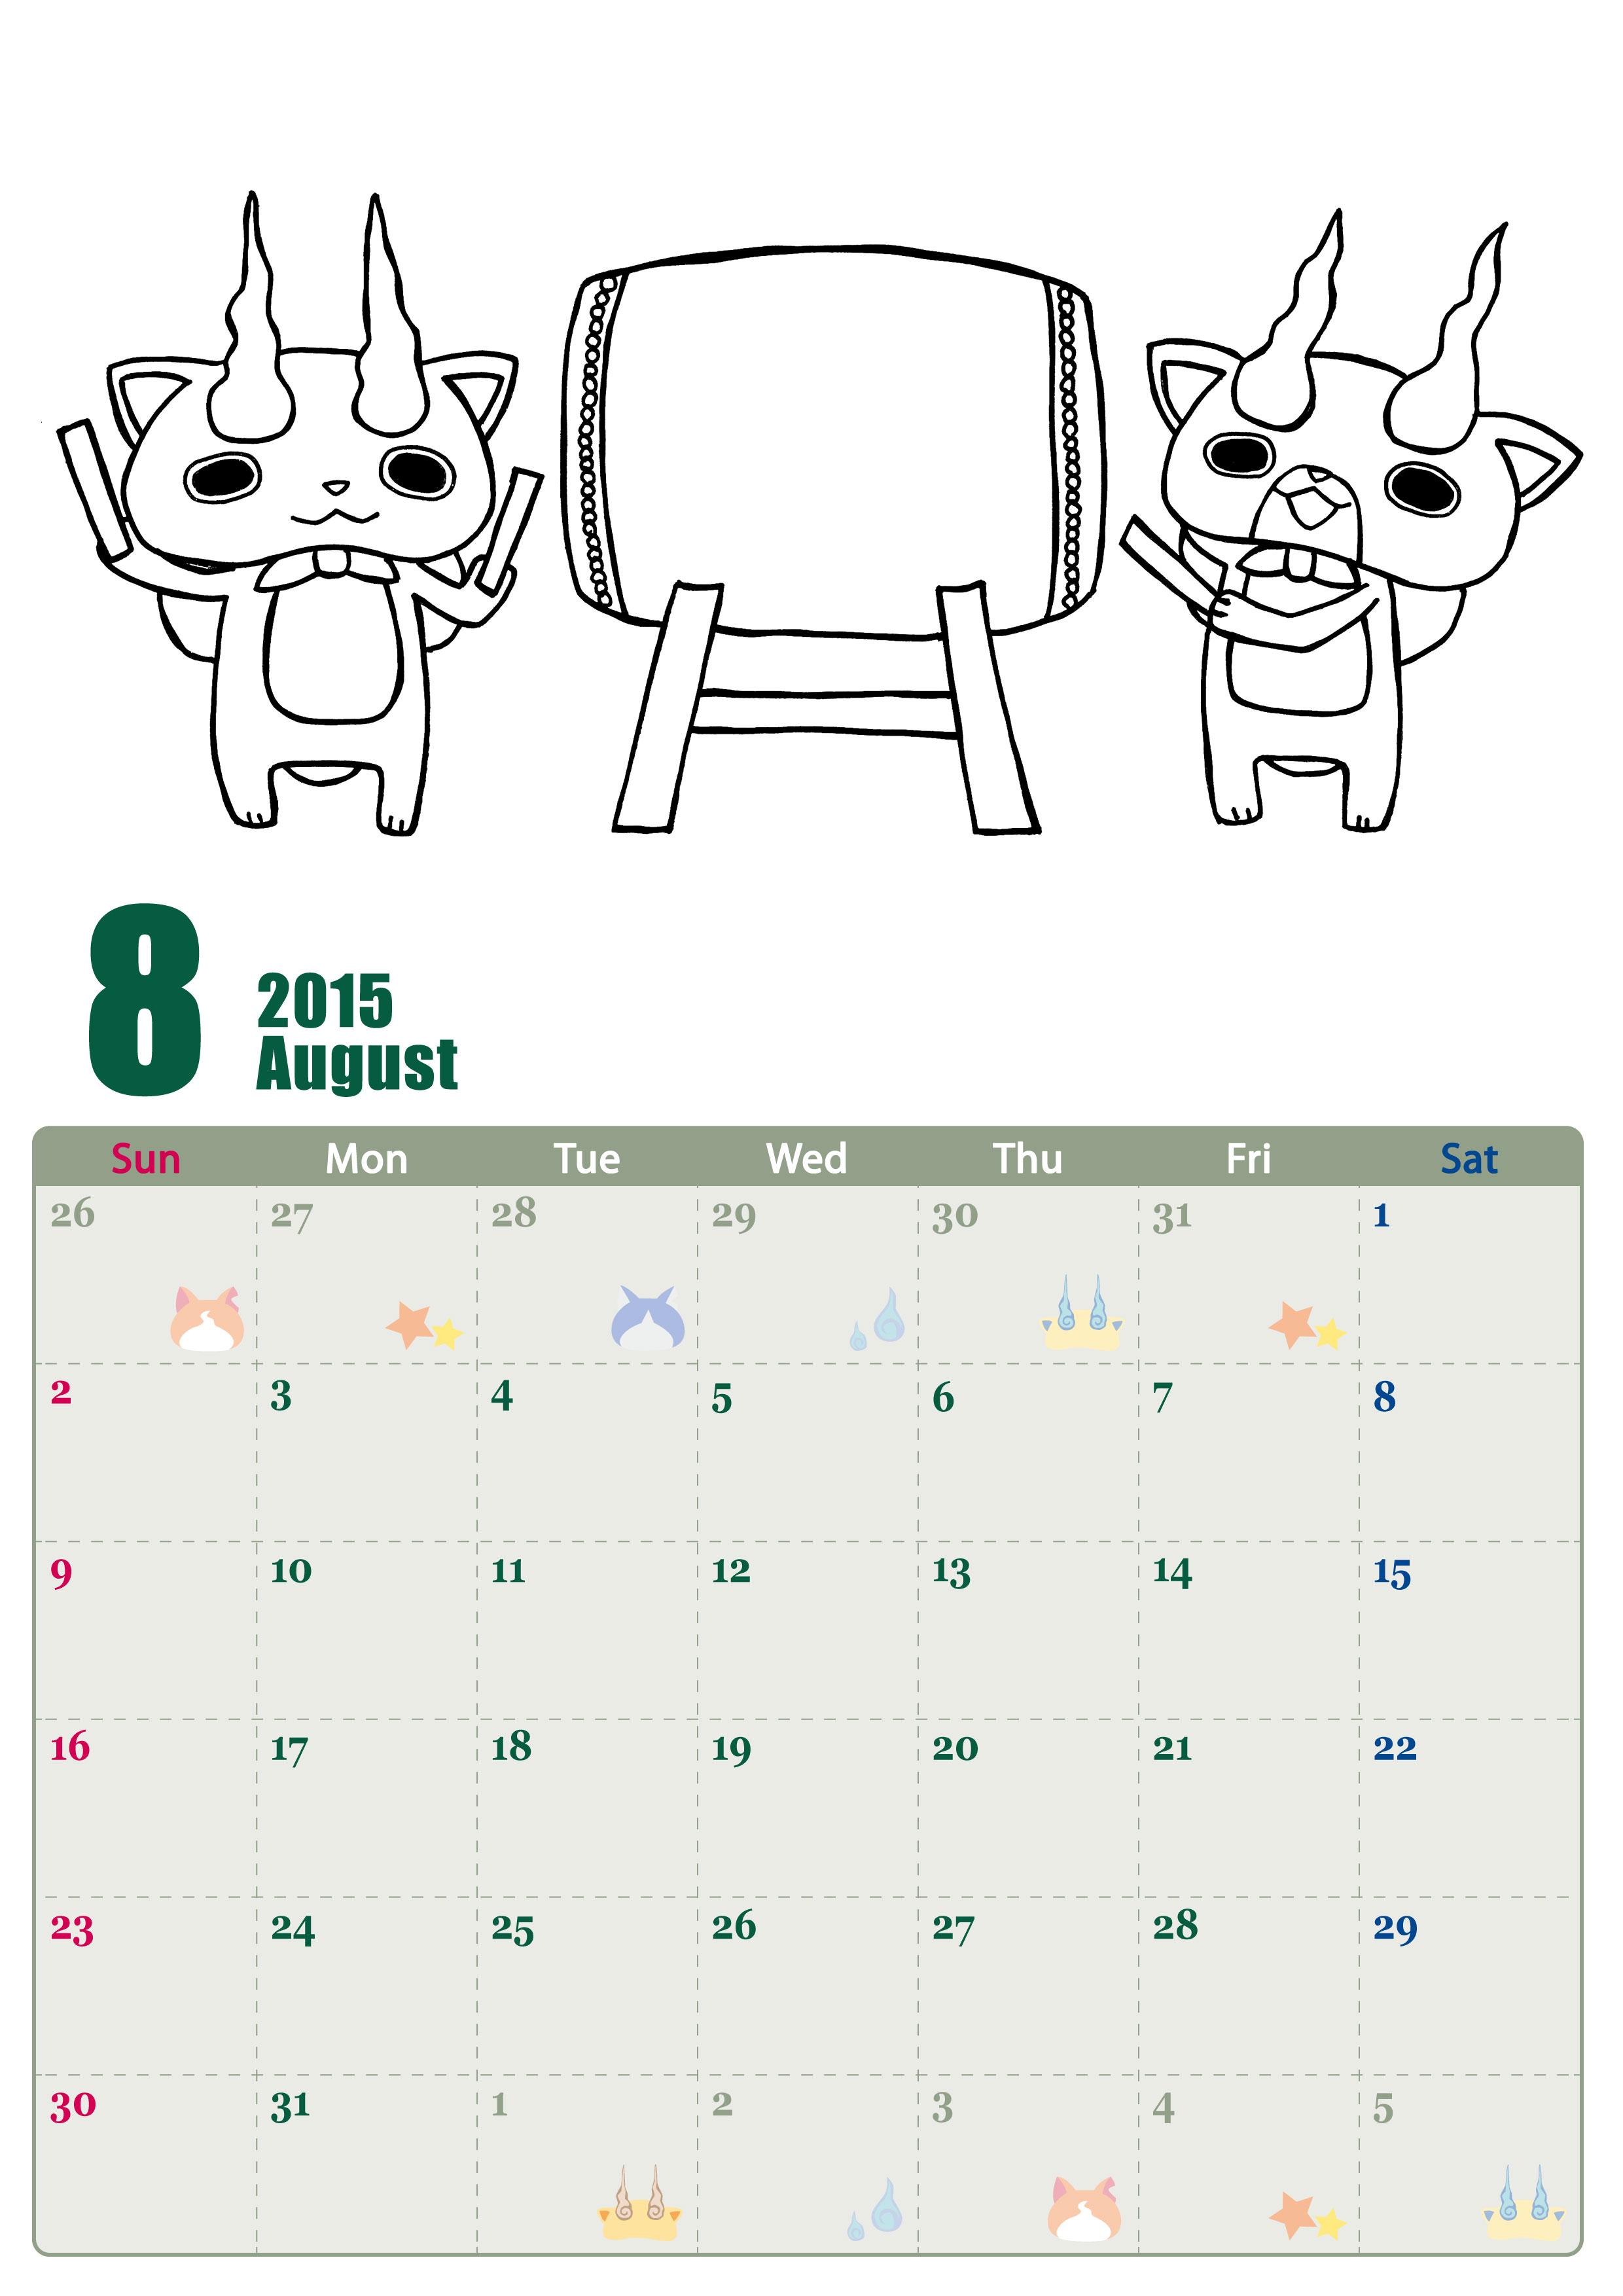 カレンダー 2014 カレンダー 印刷用 : ... 2015年 ぬりえ カレンダー 8月